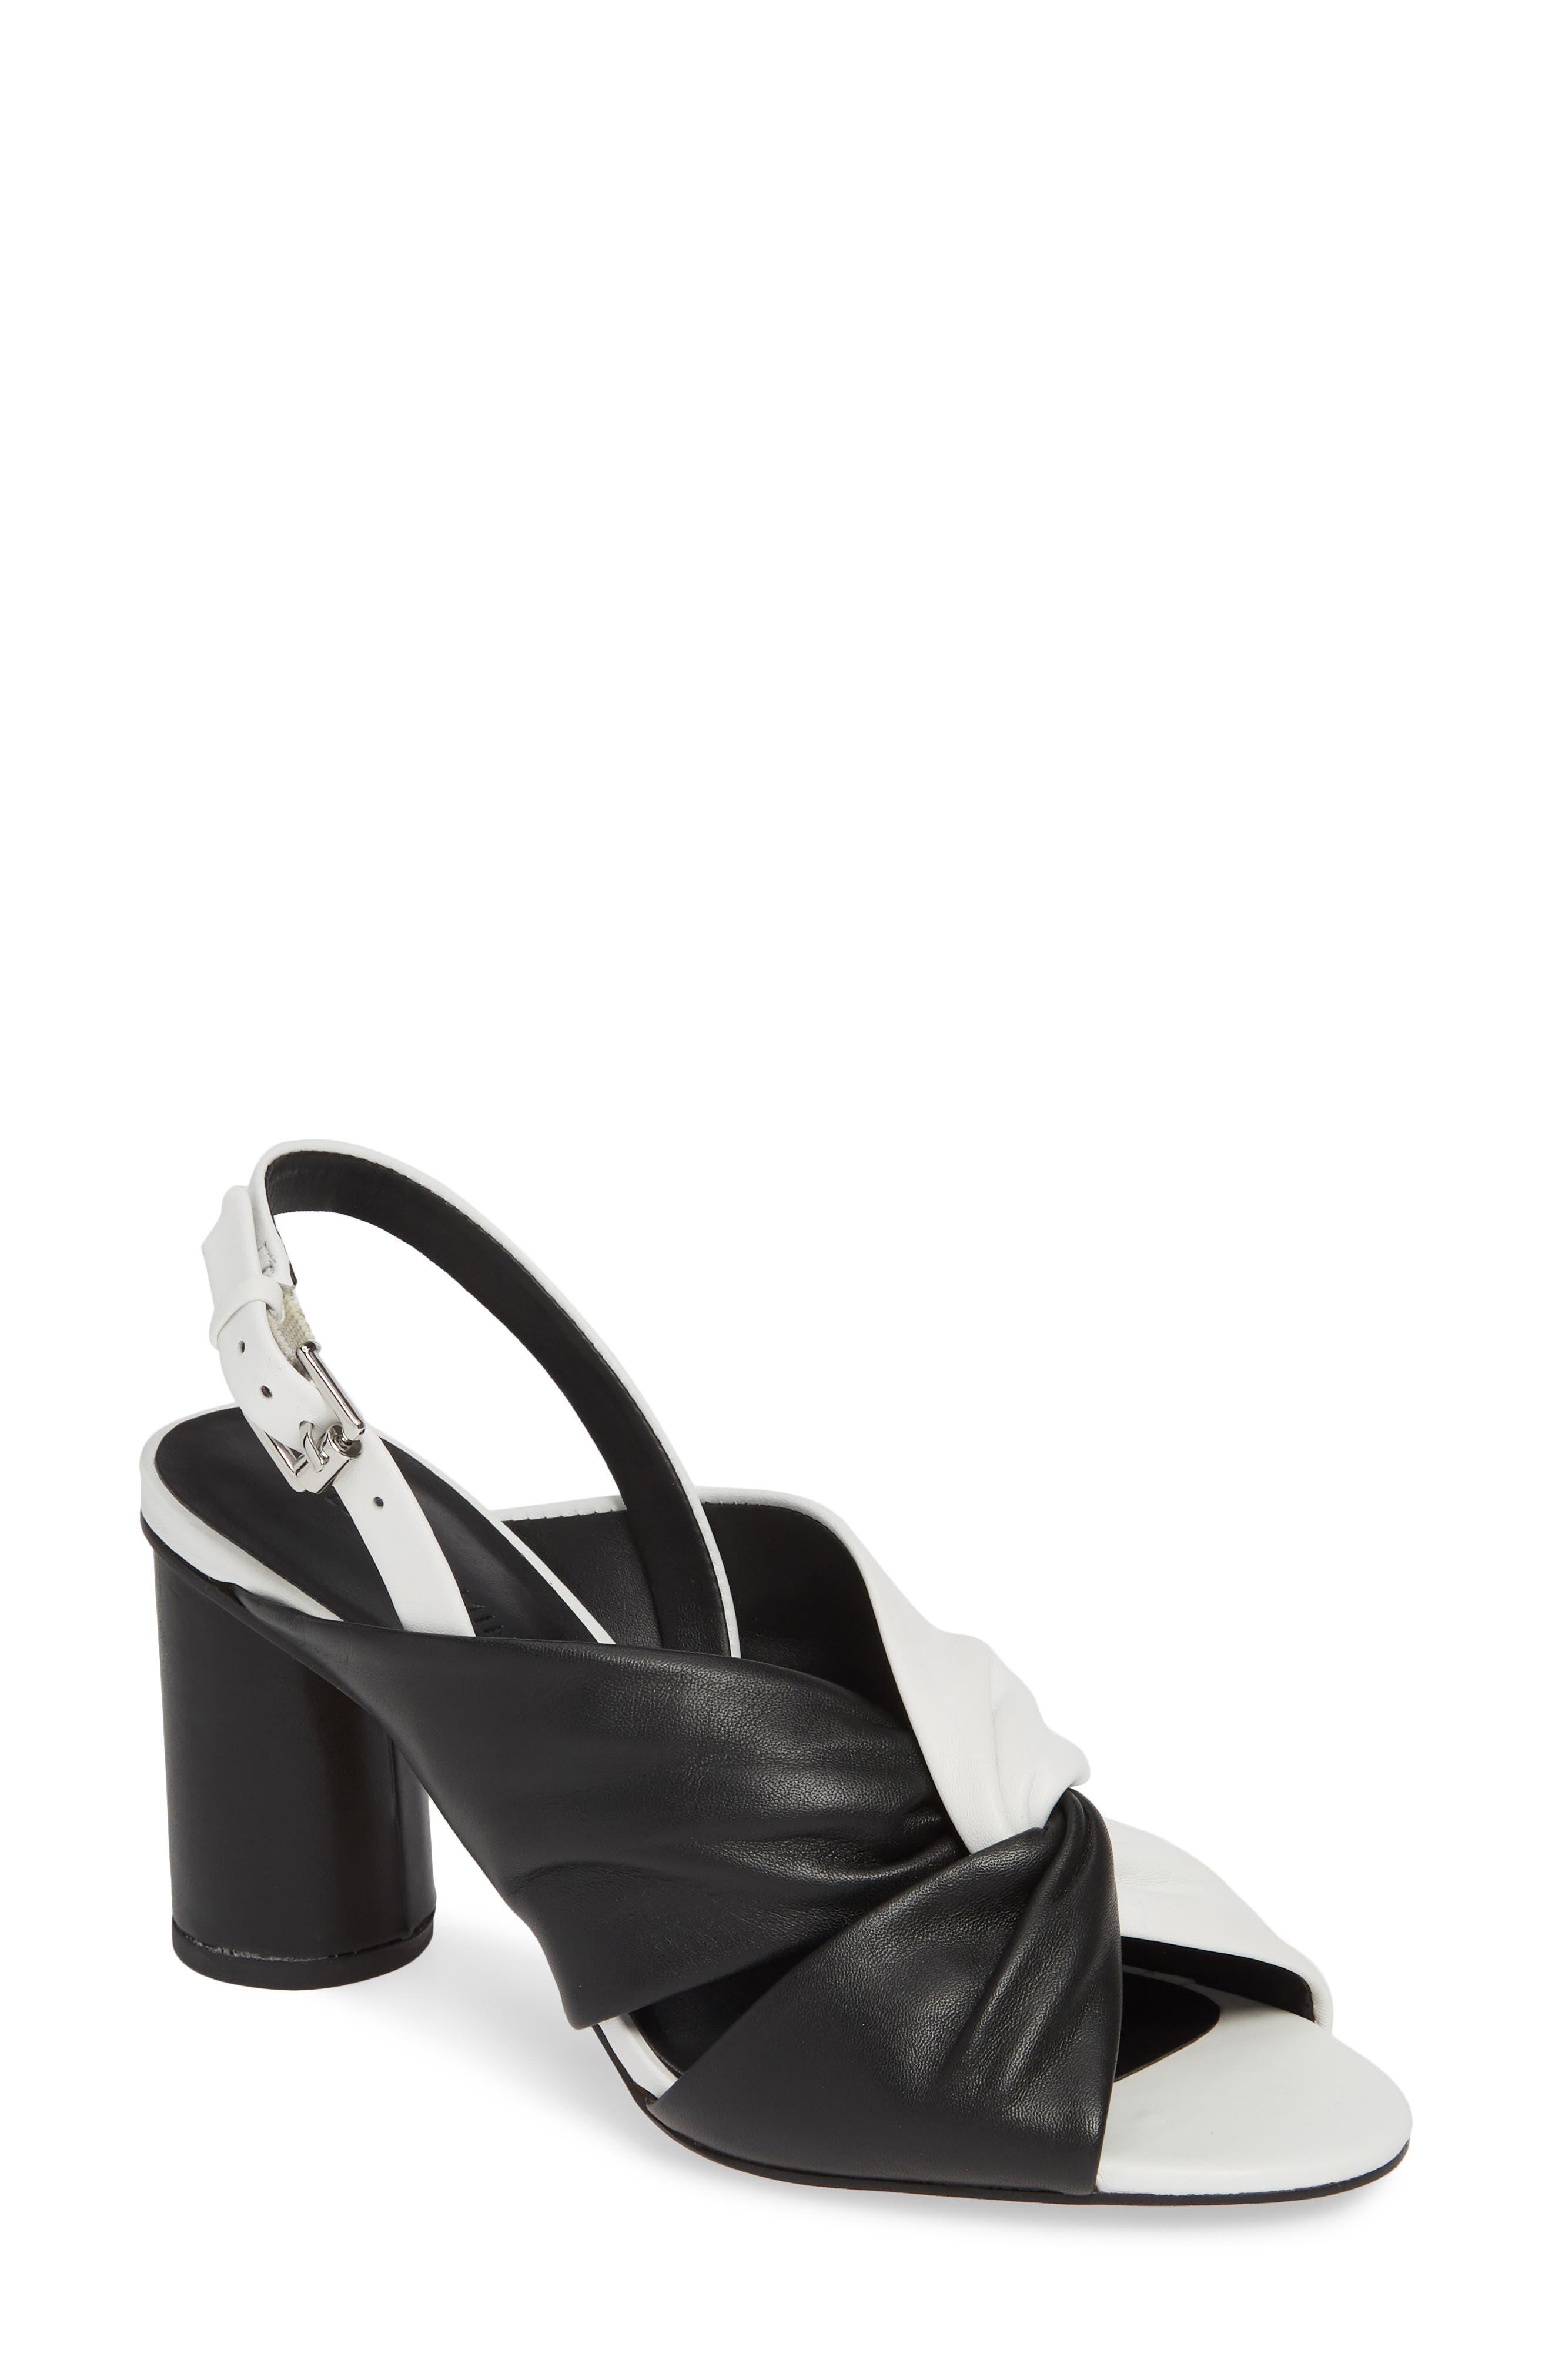 Rebecca Minkoff Agata Slingback Sandal, Black